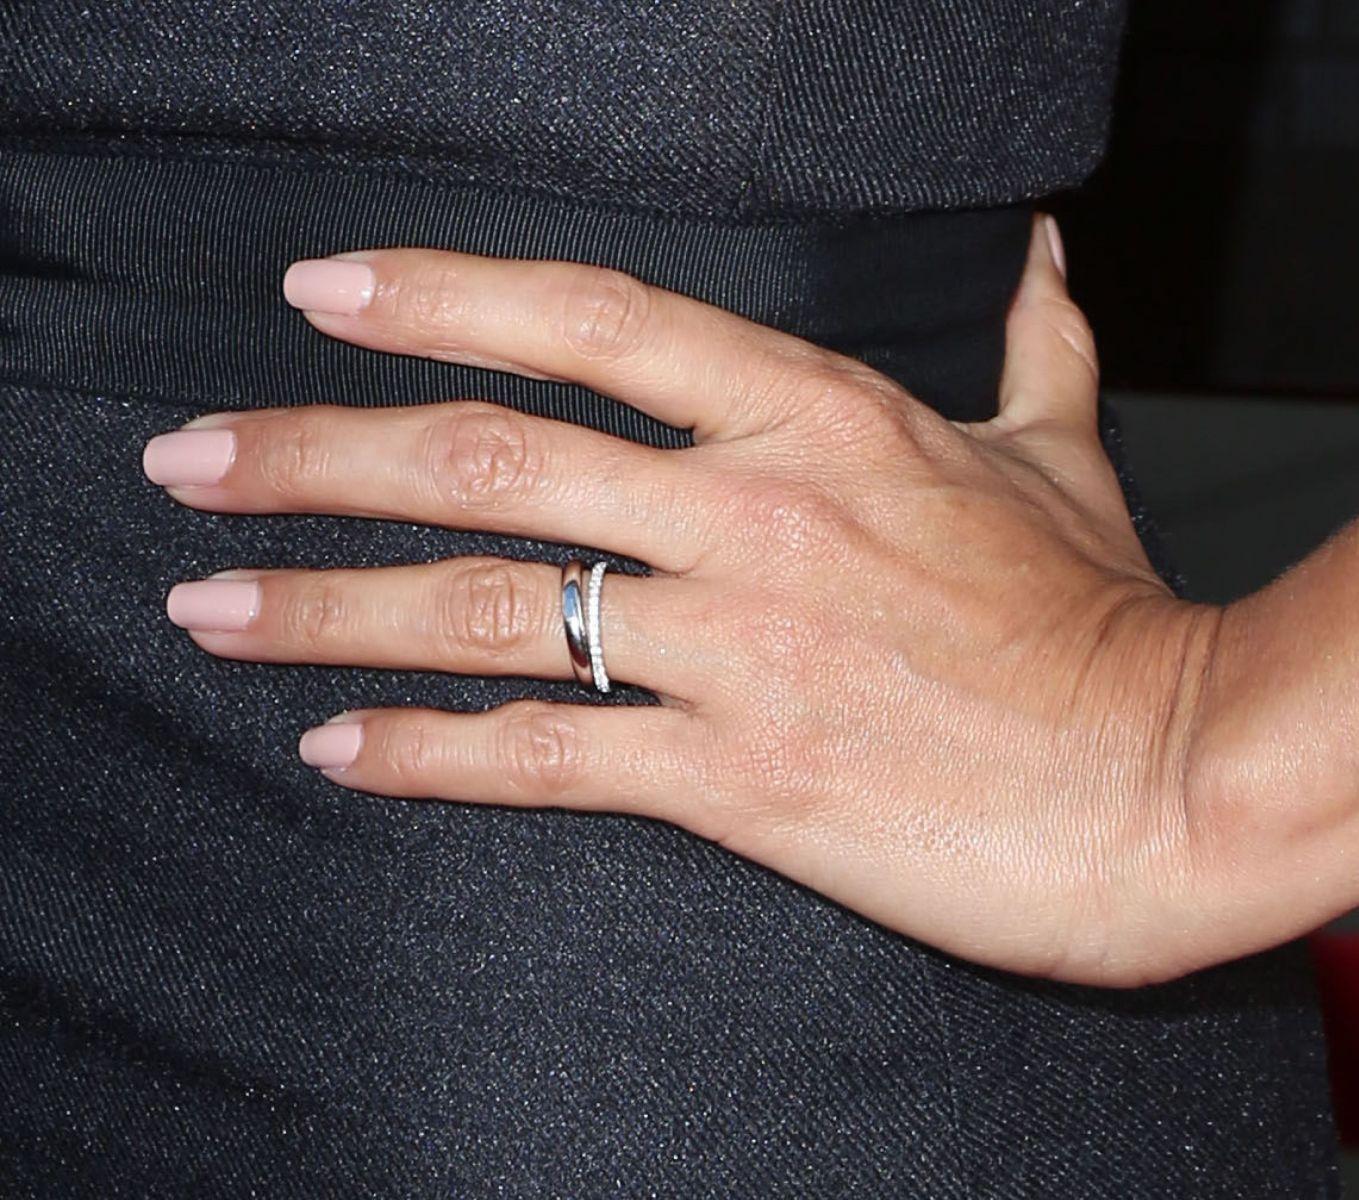 Образ дня: Ева Лонгория в соблазнительном платье впервые вышла в свет после свадьбы фото